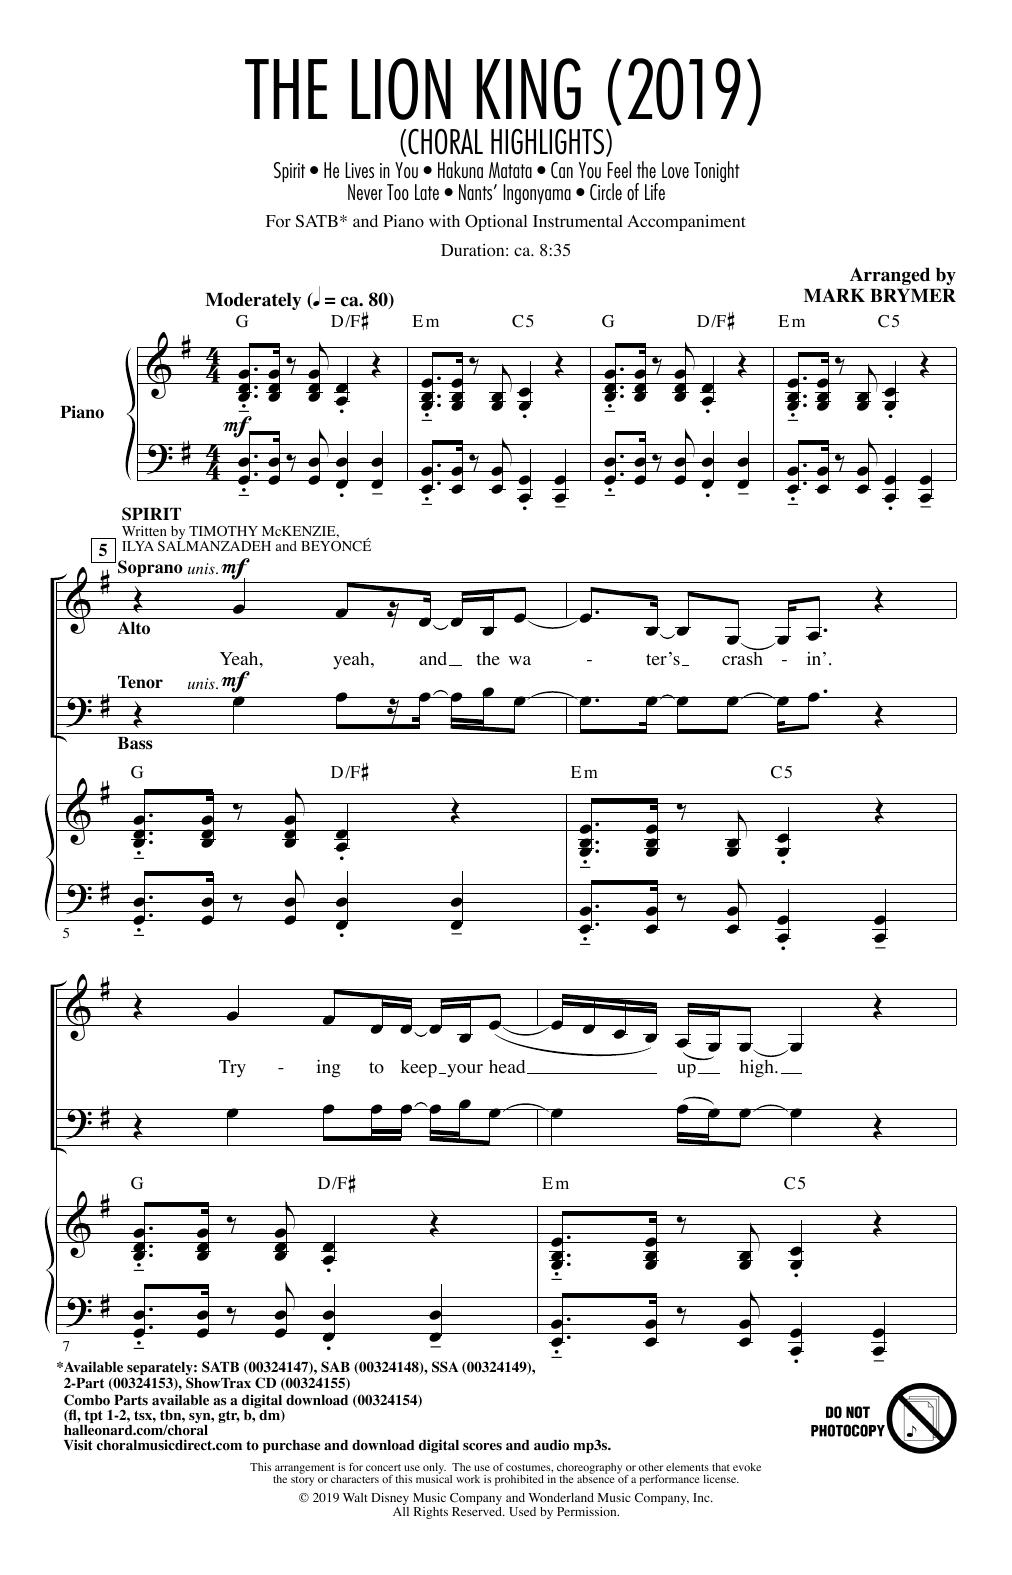 The Lion King (2019) (Choral Highlights) (SATB Choir)